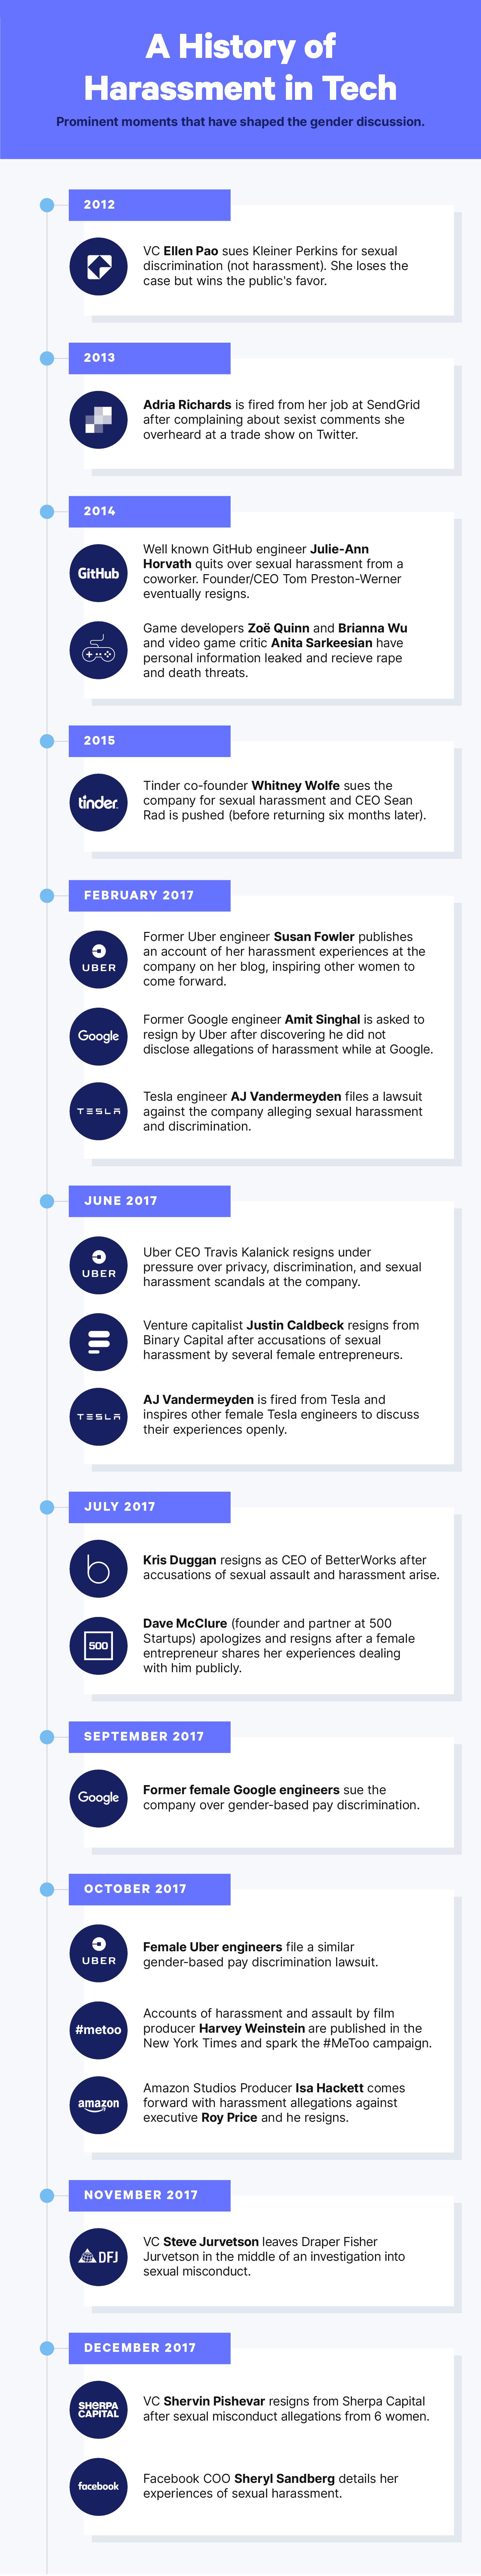 gender gap - timeline of women in tech